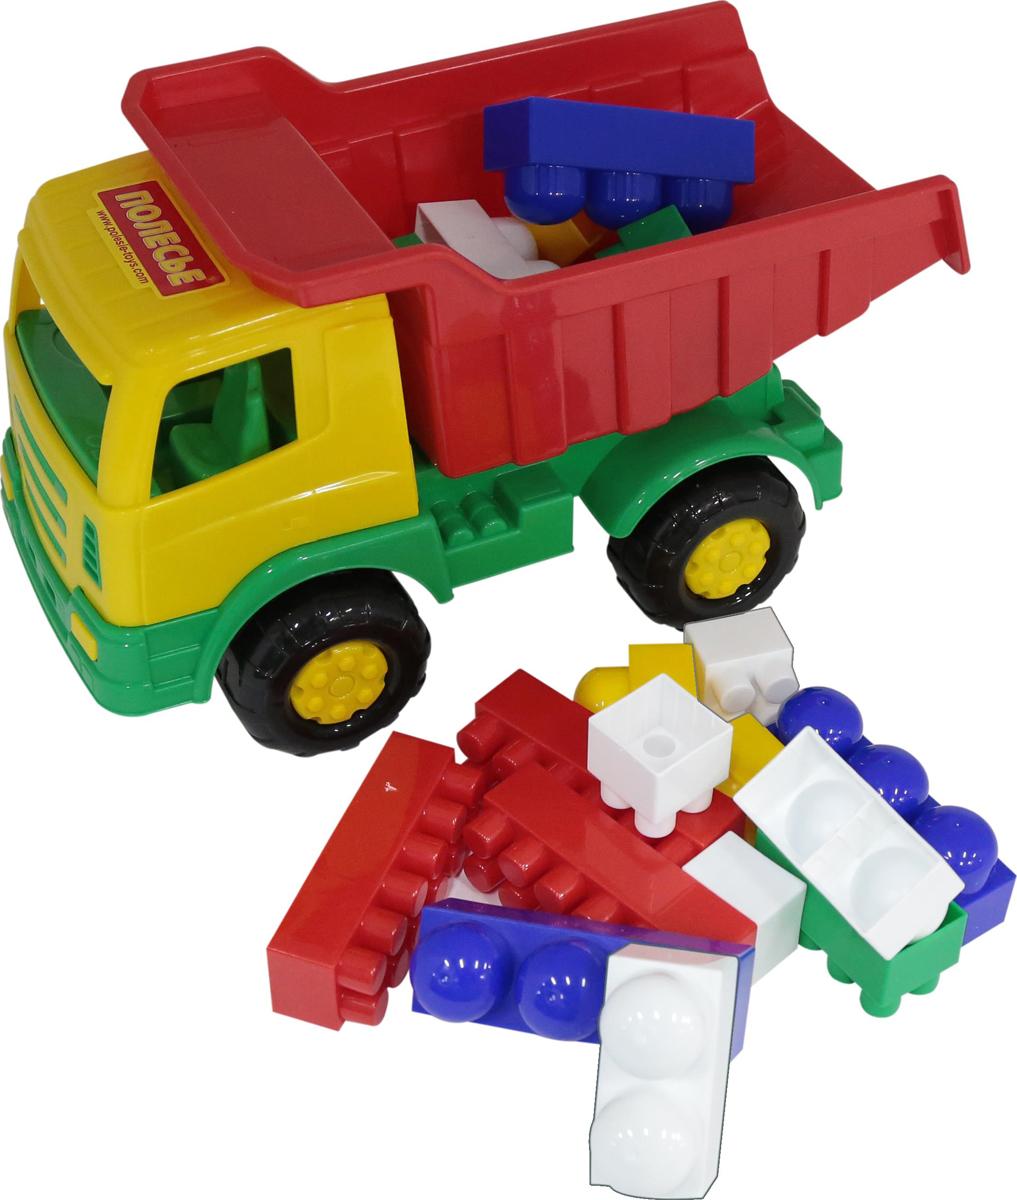 Полесье Набор игрушек для песочницы №186 Мираж полесье набор для песочницы 340